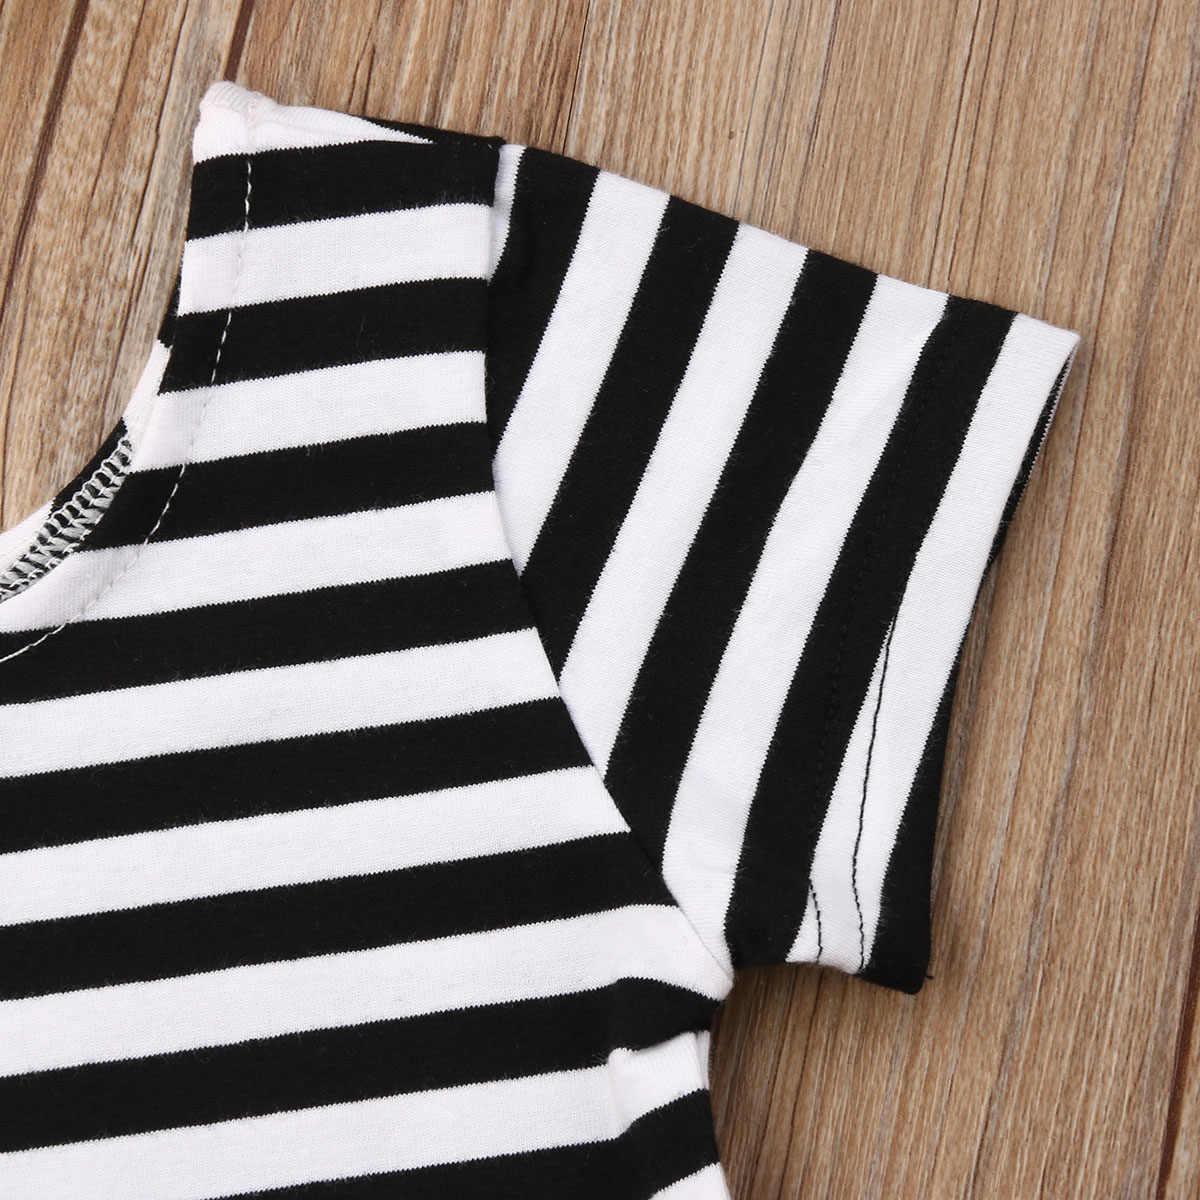 2019 Marka Yeni Bebek Bebek Kız Kıyafetler Setleri Kısa Kollu çizgili tişört Tops + Ilmek Kanat Geniş Bacak Pantolon Yaz BOHO giysi